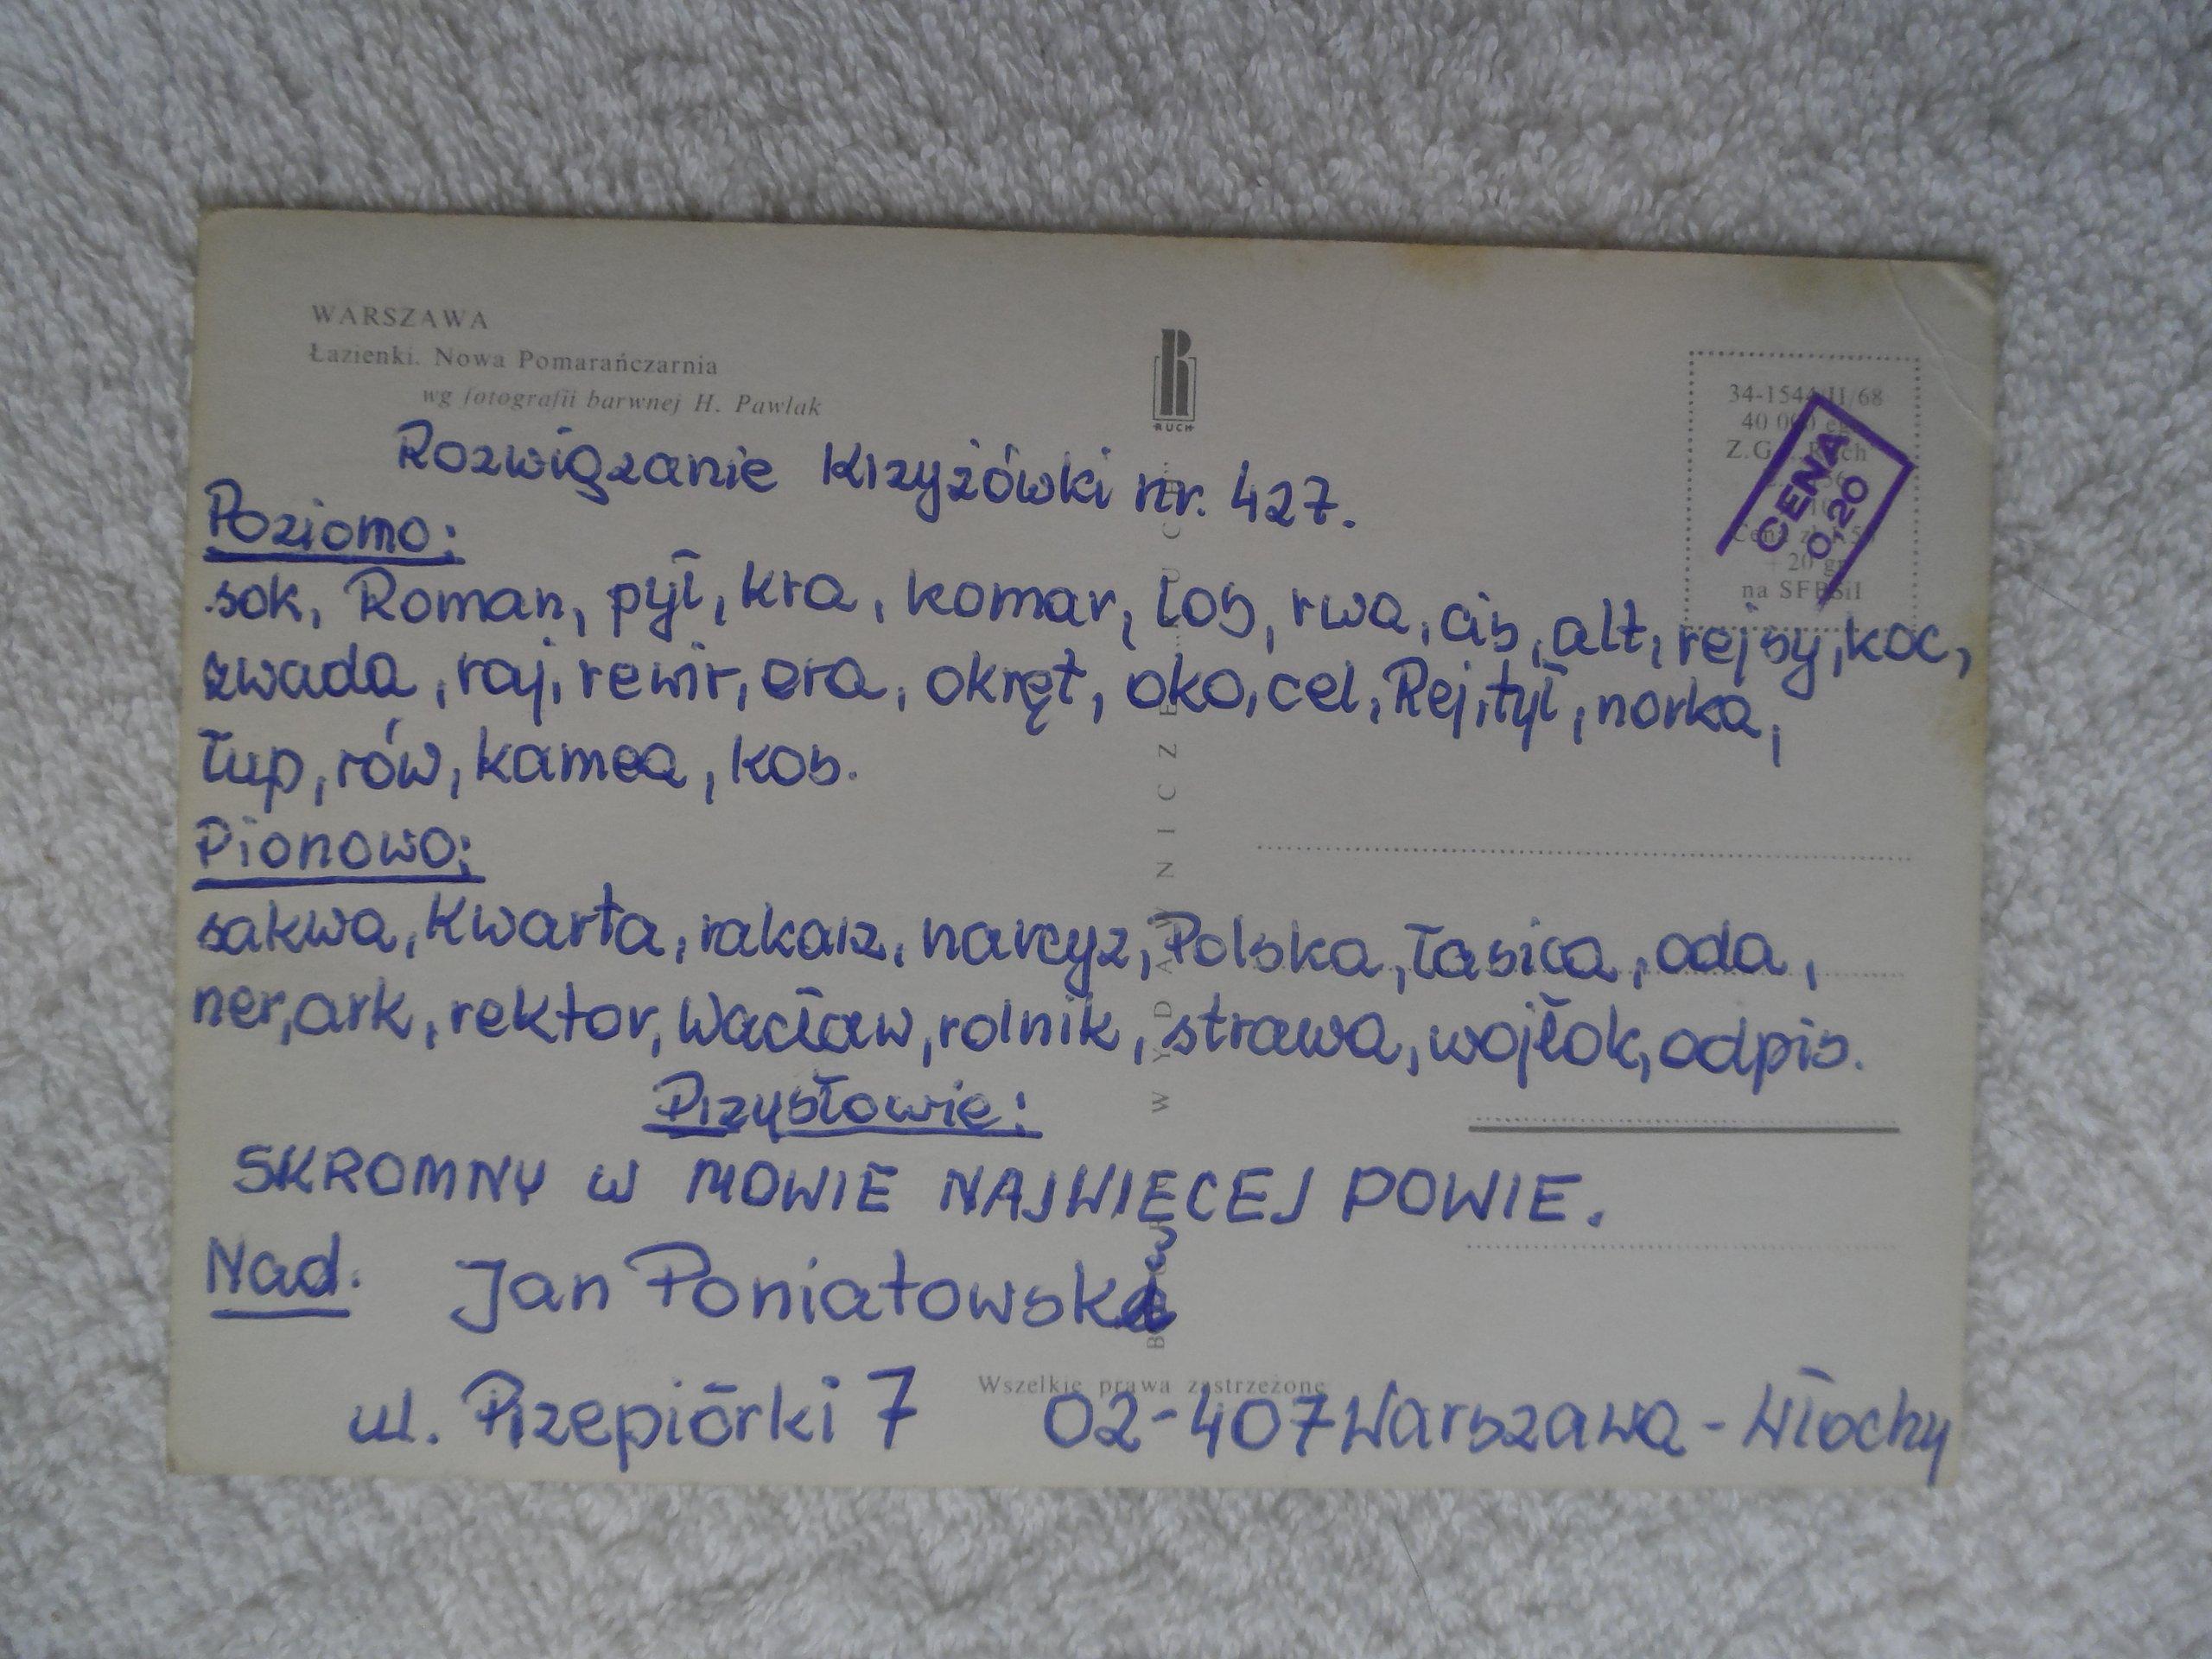 Warszawa łazienki Nowa Pomarańczarnia